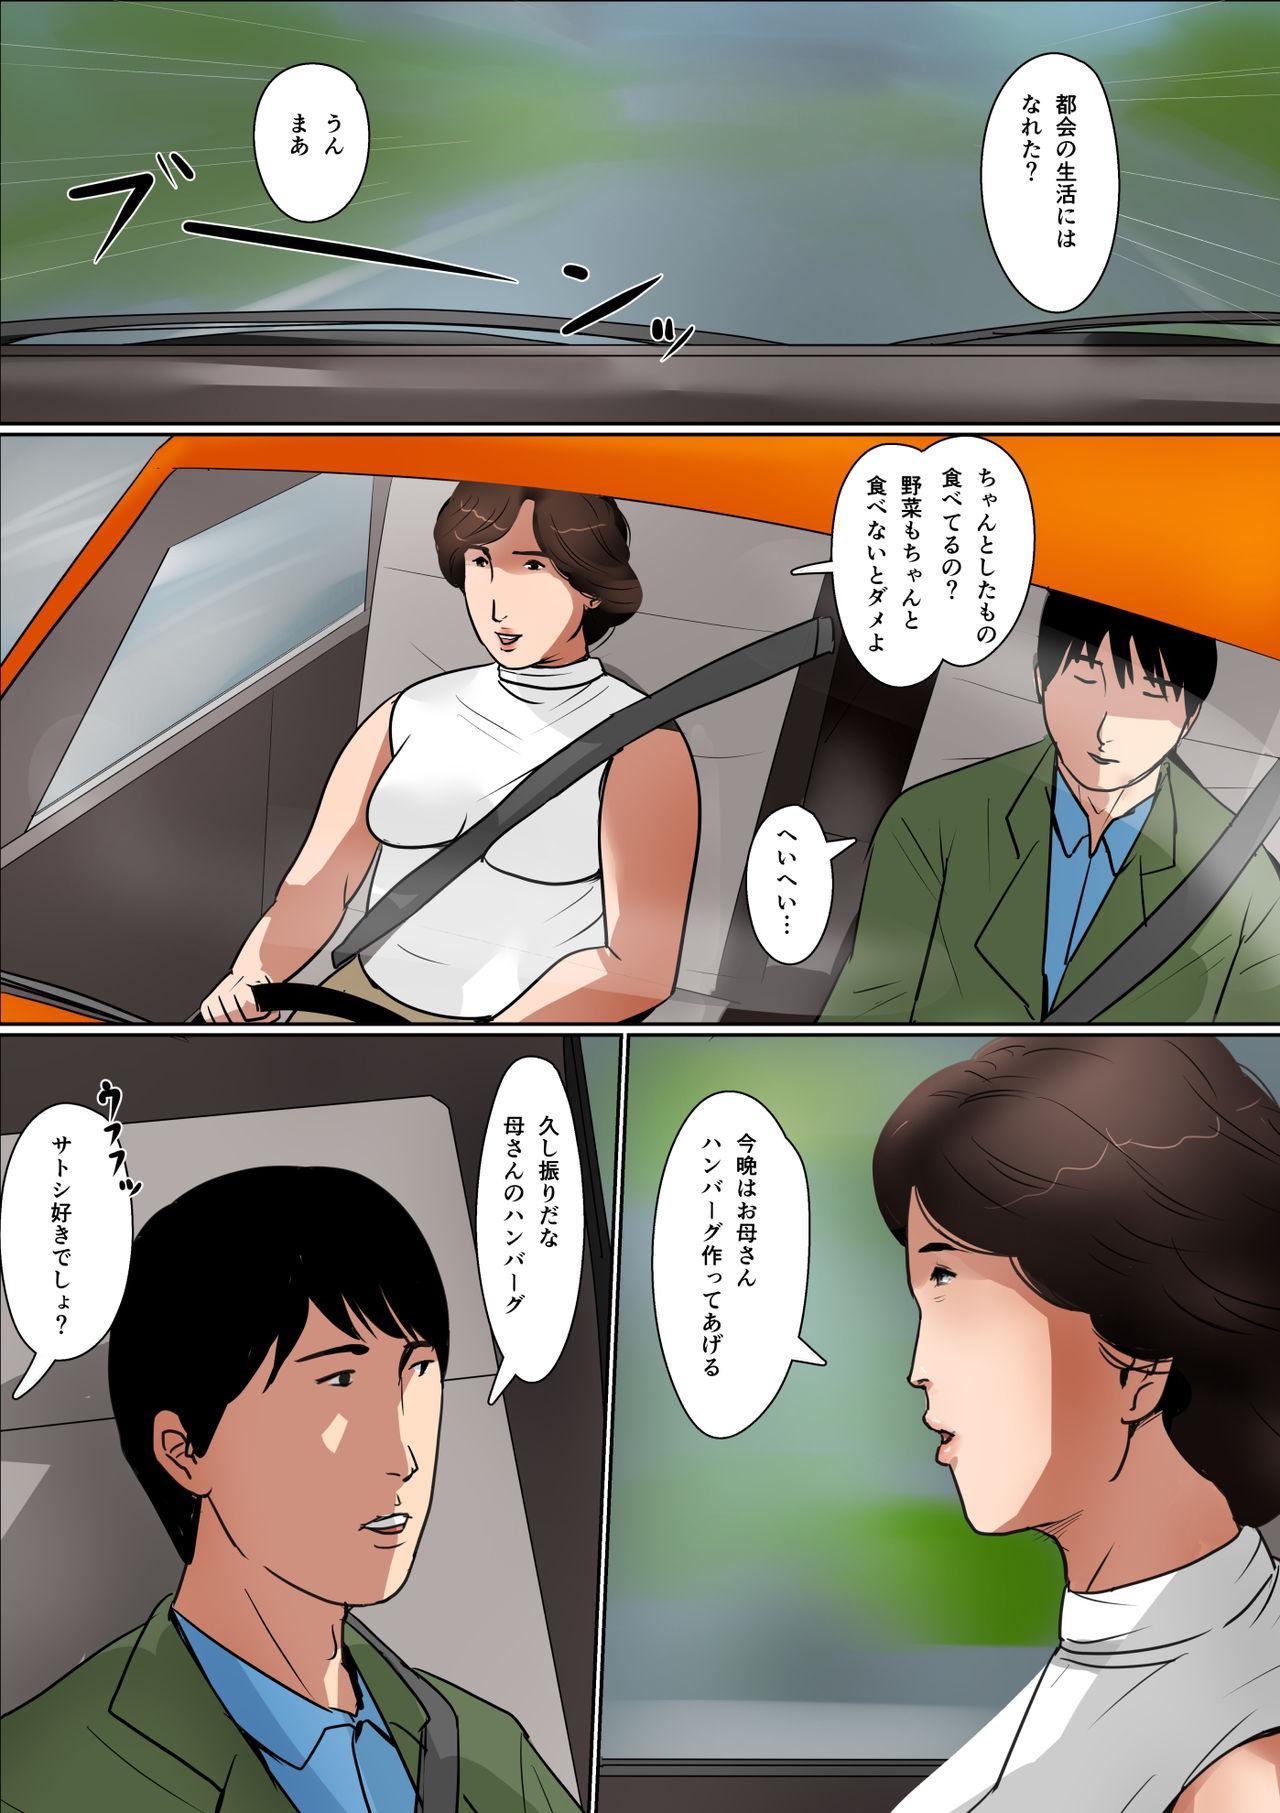 [Oozora Kaiko (kaiko)] Haha ni Koishite ~Wakare no Mae ni~ 2 8